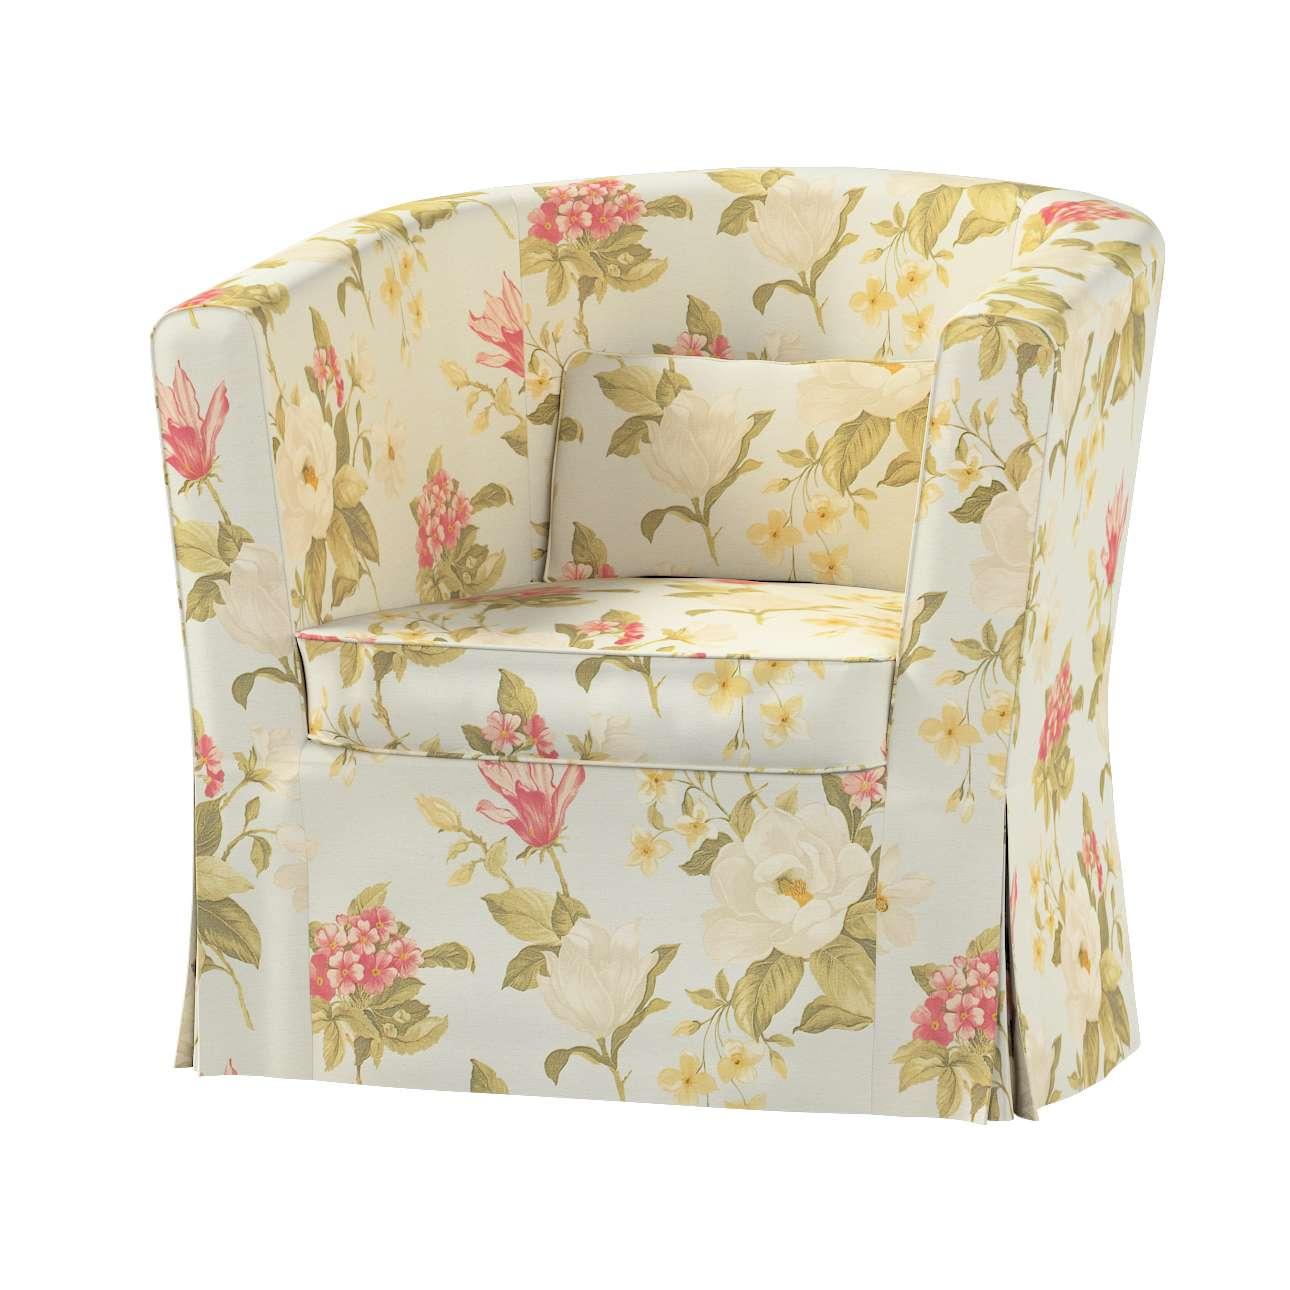 EKTORP TULLSTA fotelio užvalkalas Ektorp Tullsta fotelio užvalkalas kolekcijoje Londres, audinys: 123-65